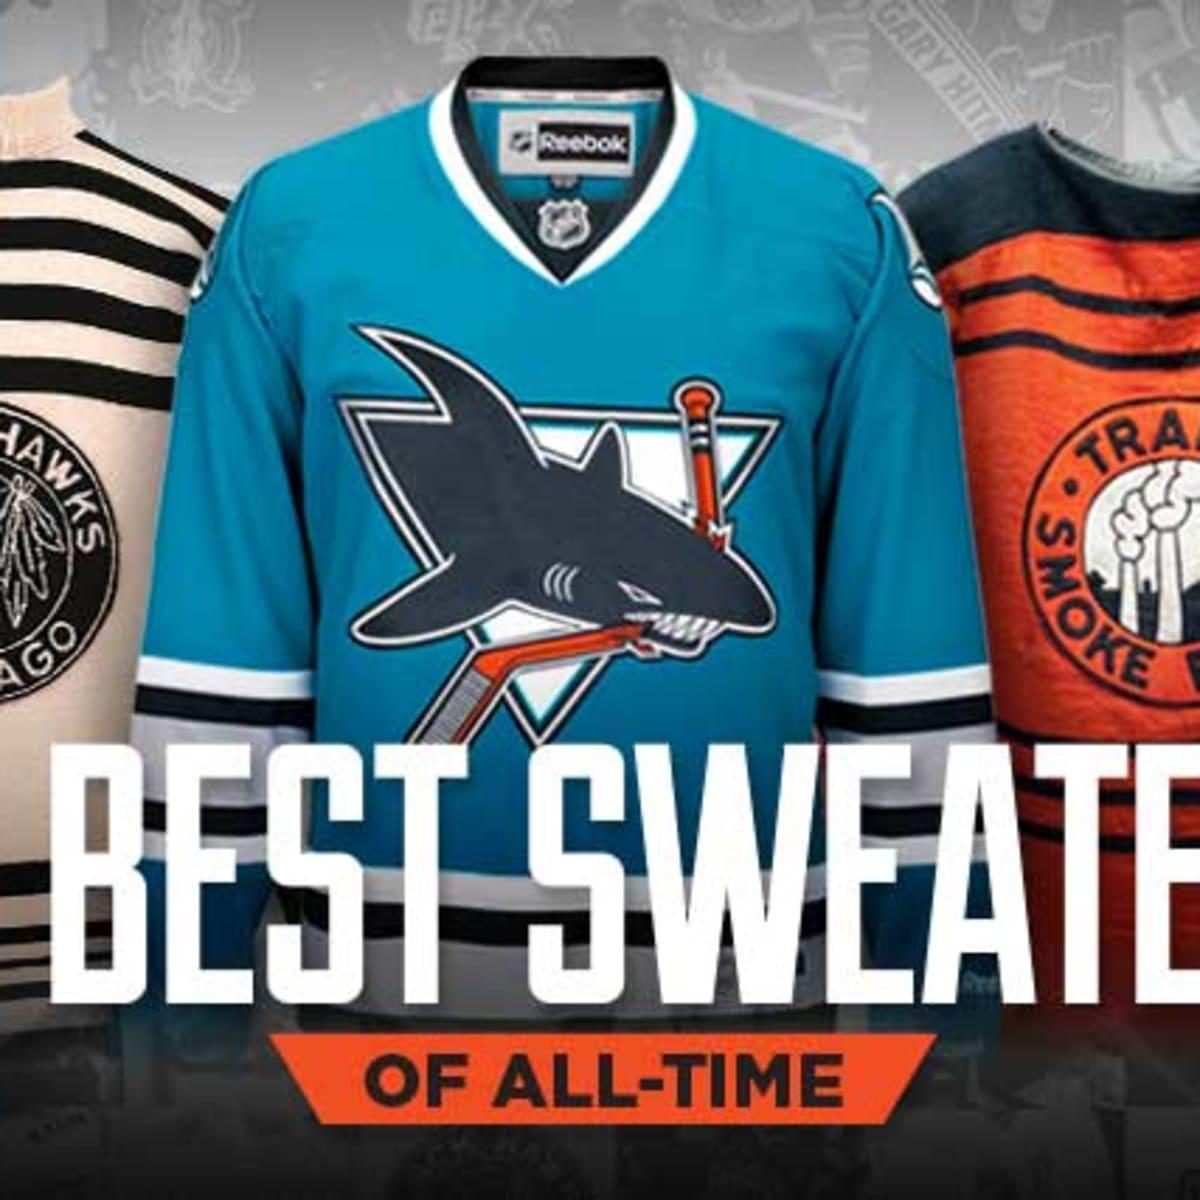 best jersey